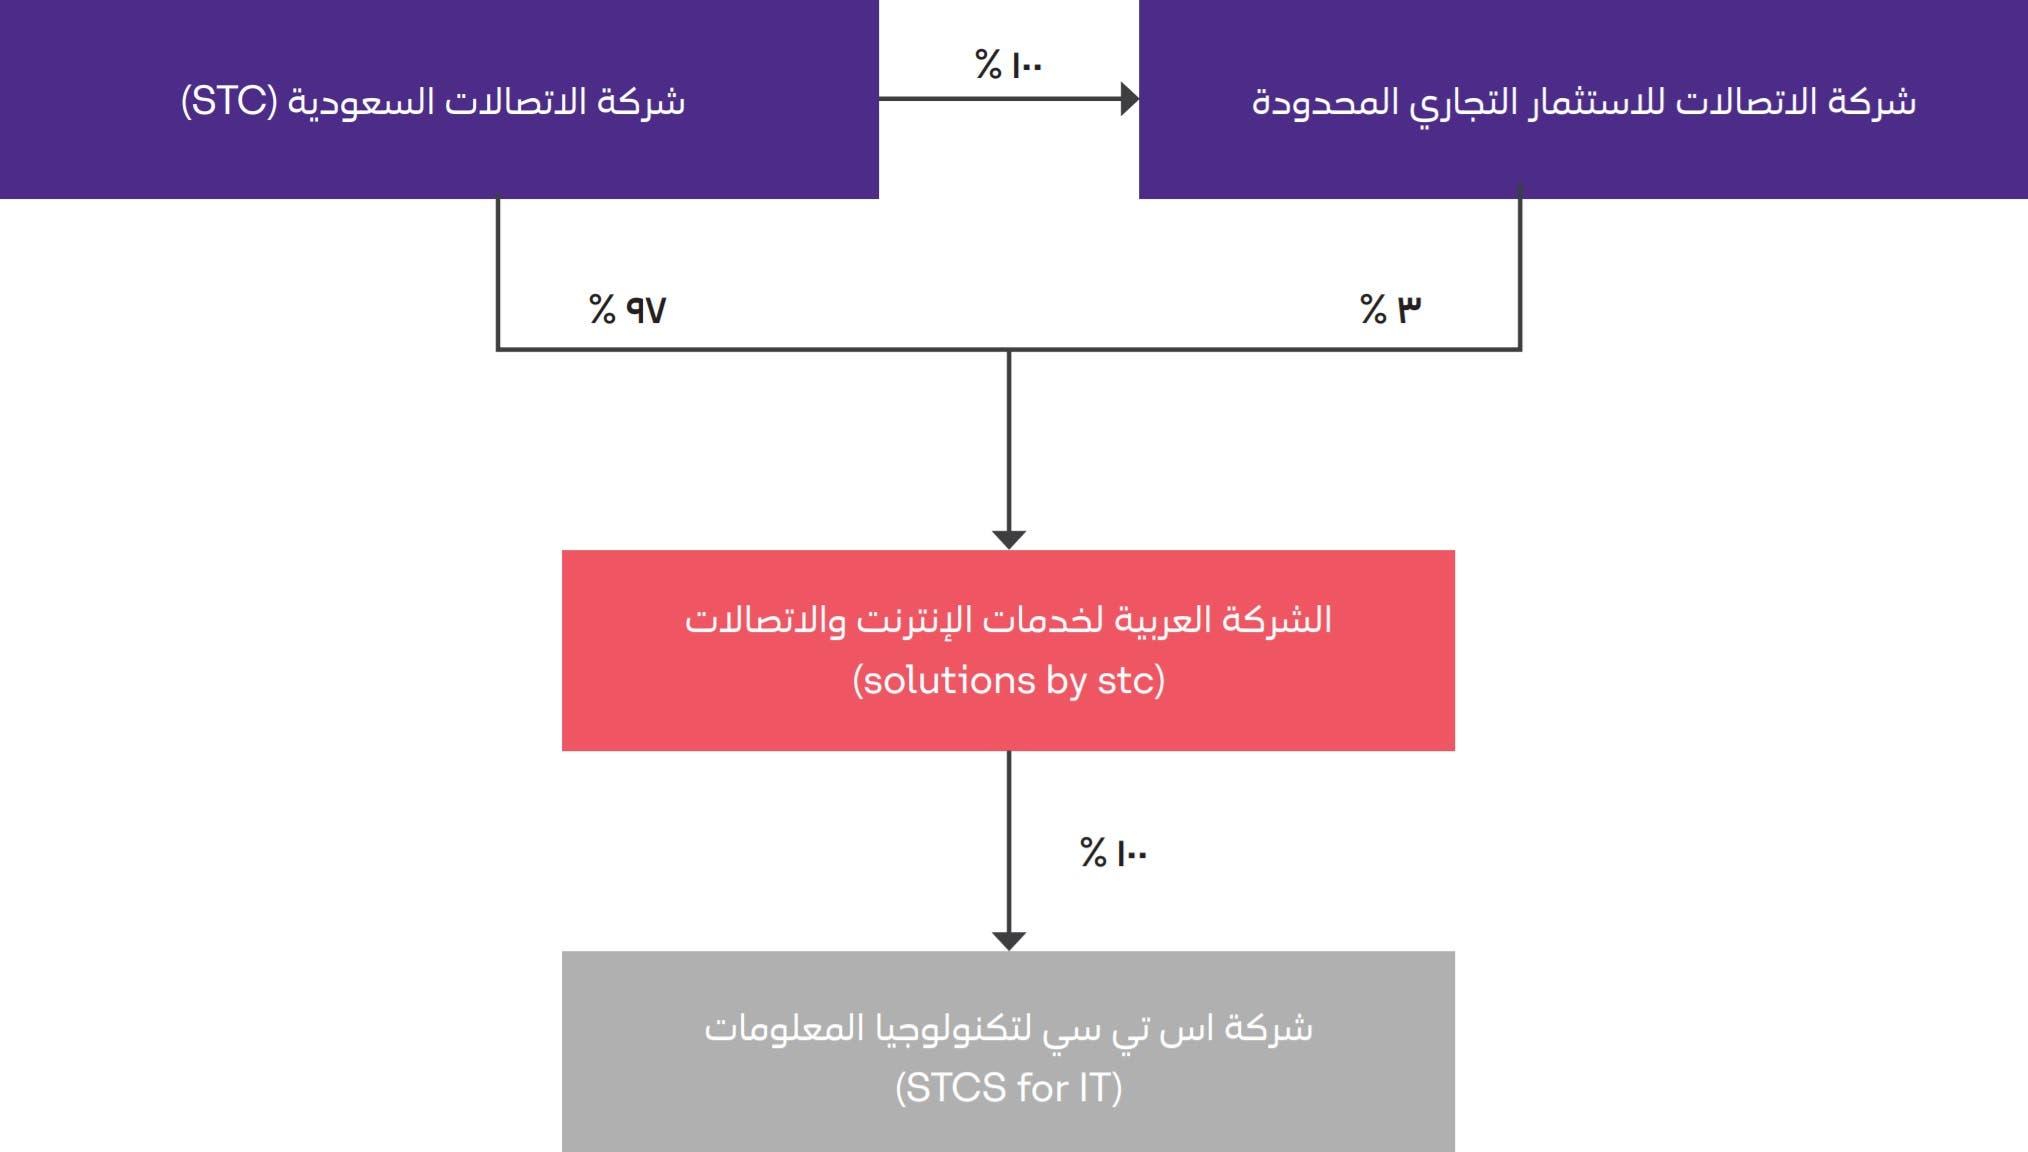 الهيكل التنظيمي لـ  Solution by STC